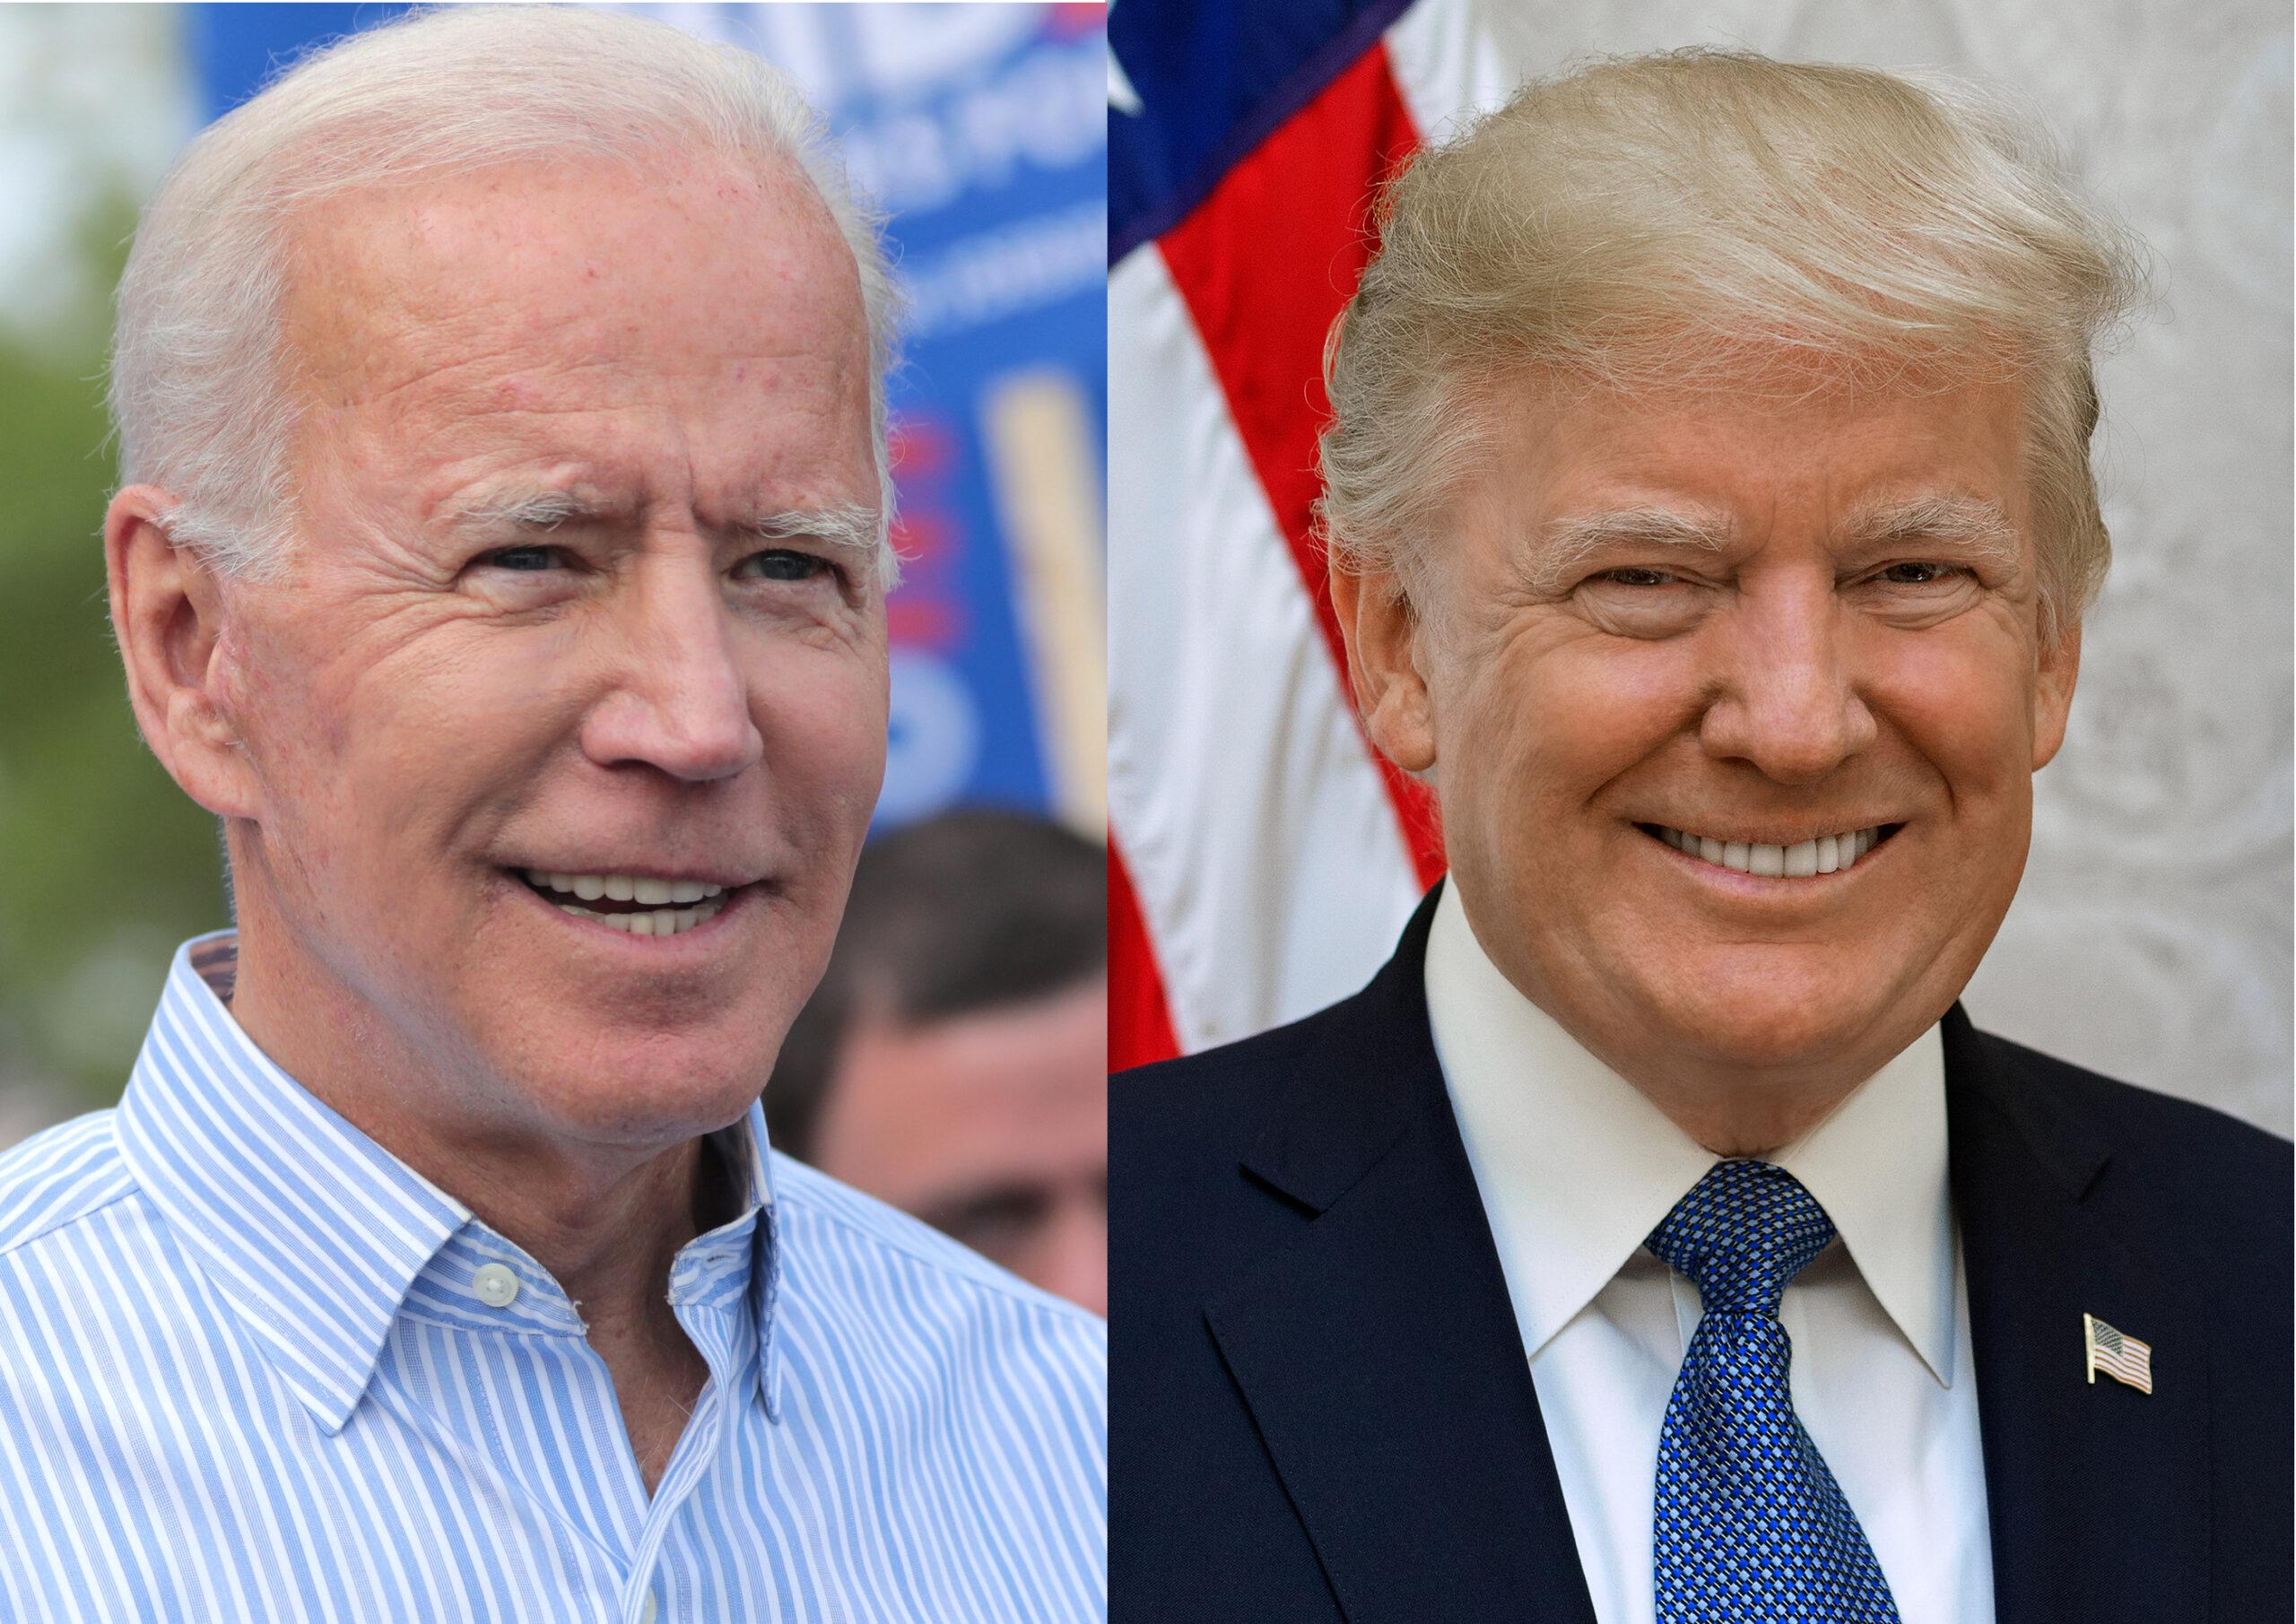 Da Trump a Biden: come cambia il rapporto con Cina e Russia, le grandi rivali